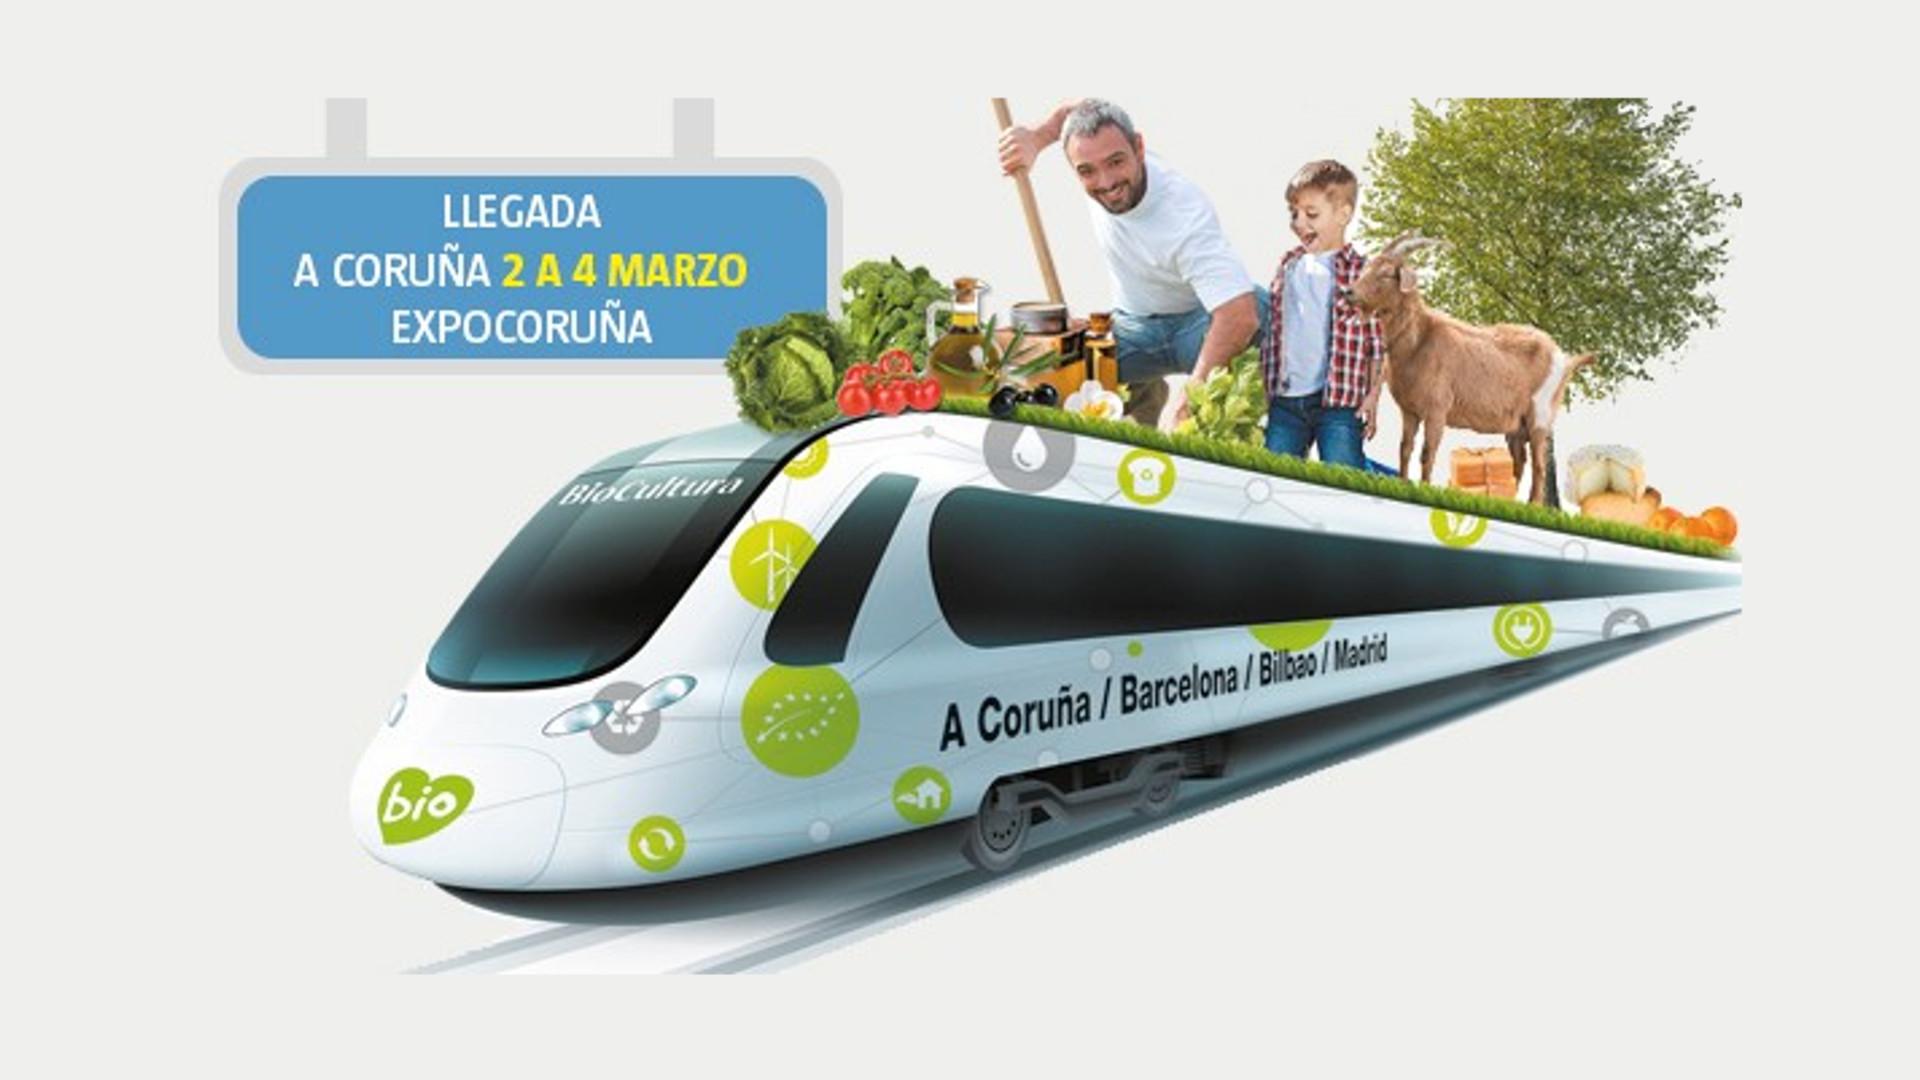 En marzo Galicia acogera la feria de productos ecologicos mas importante de España.1920